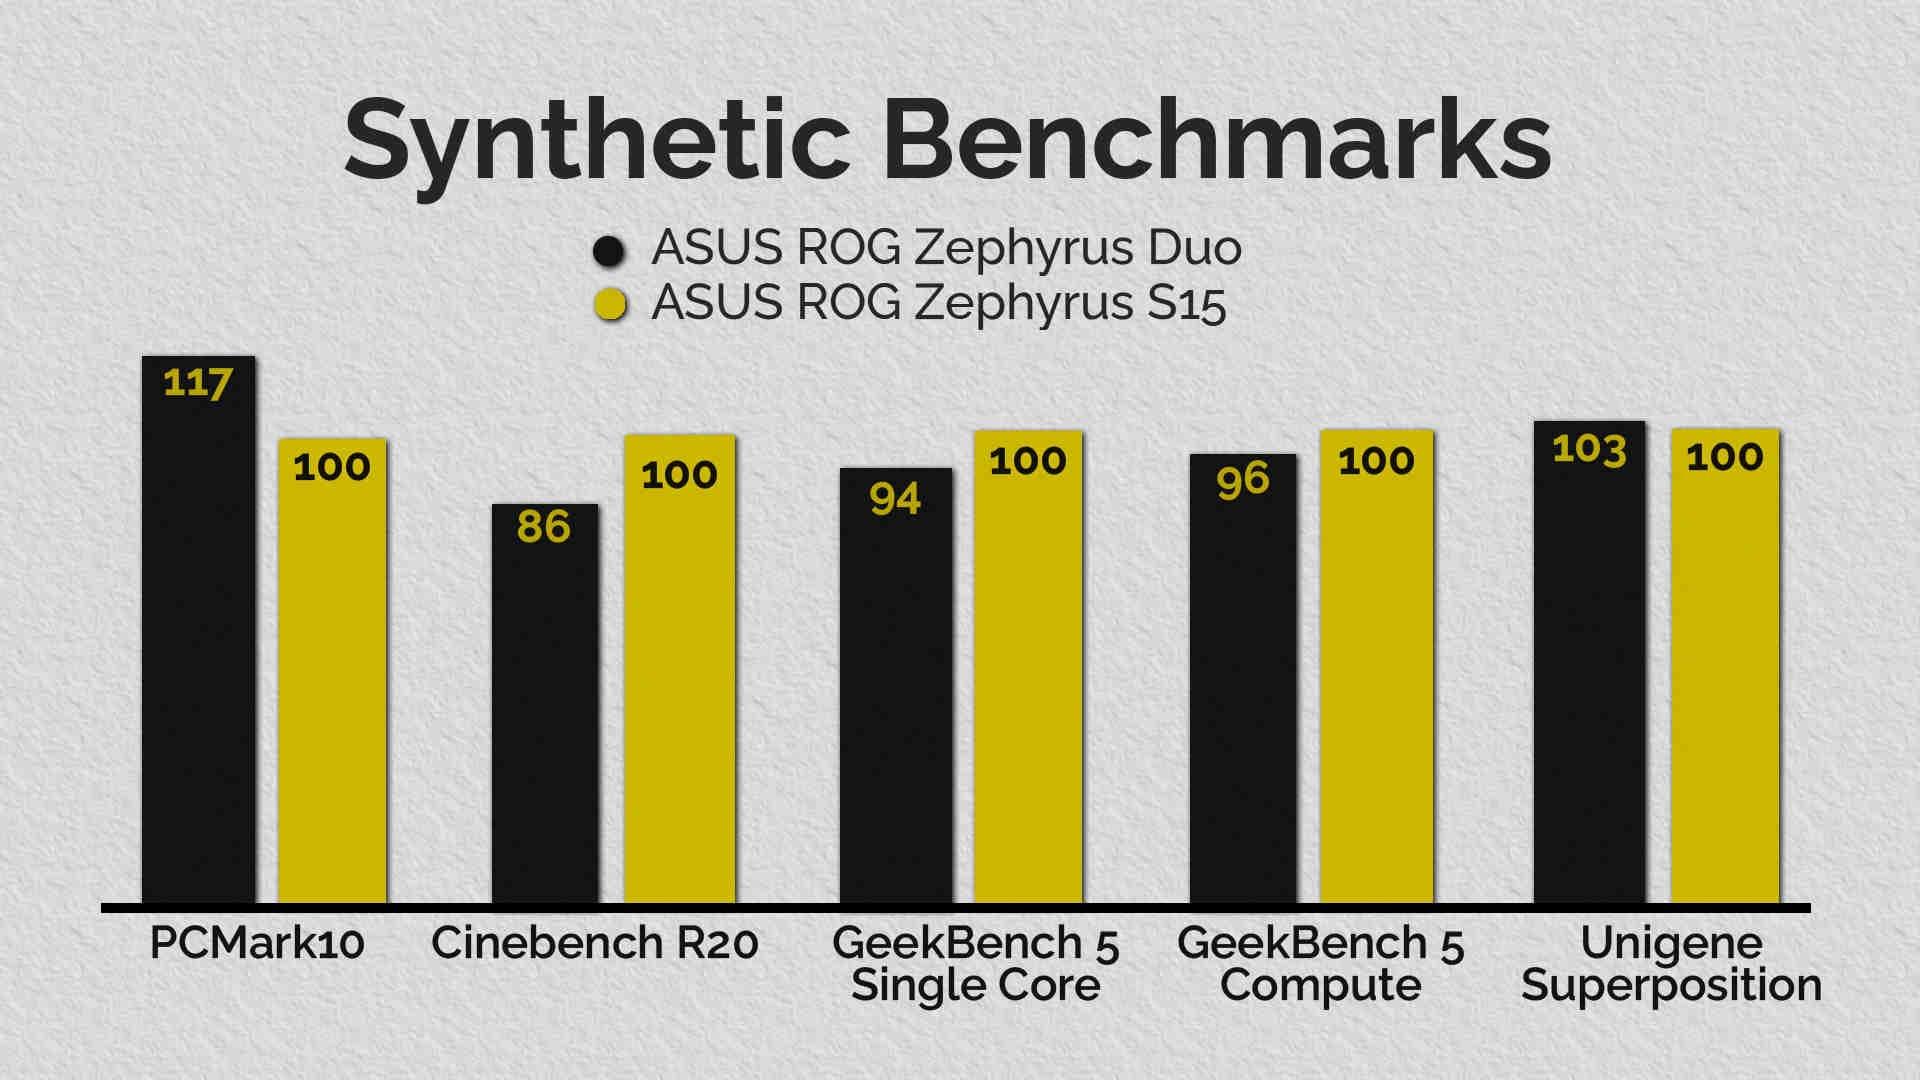 Le Zephyrus S15 devrait, sur papier, être 10 à 15% plus rapide que le Duo.  Comme vous pouvez le voir, ce n'est pas toujours le cas.  (Données en pourcentage).  Image: Anirudh Regidi